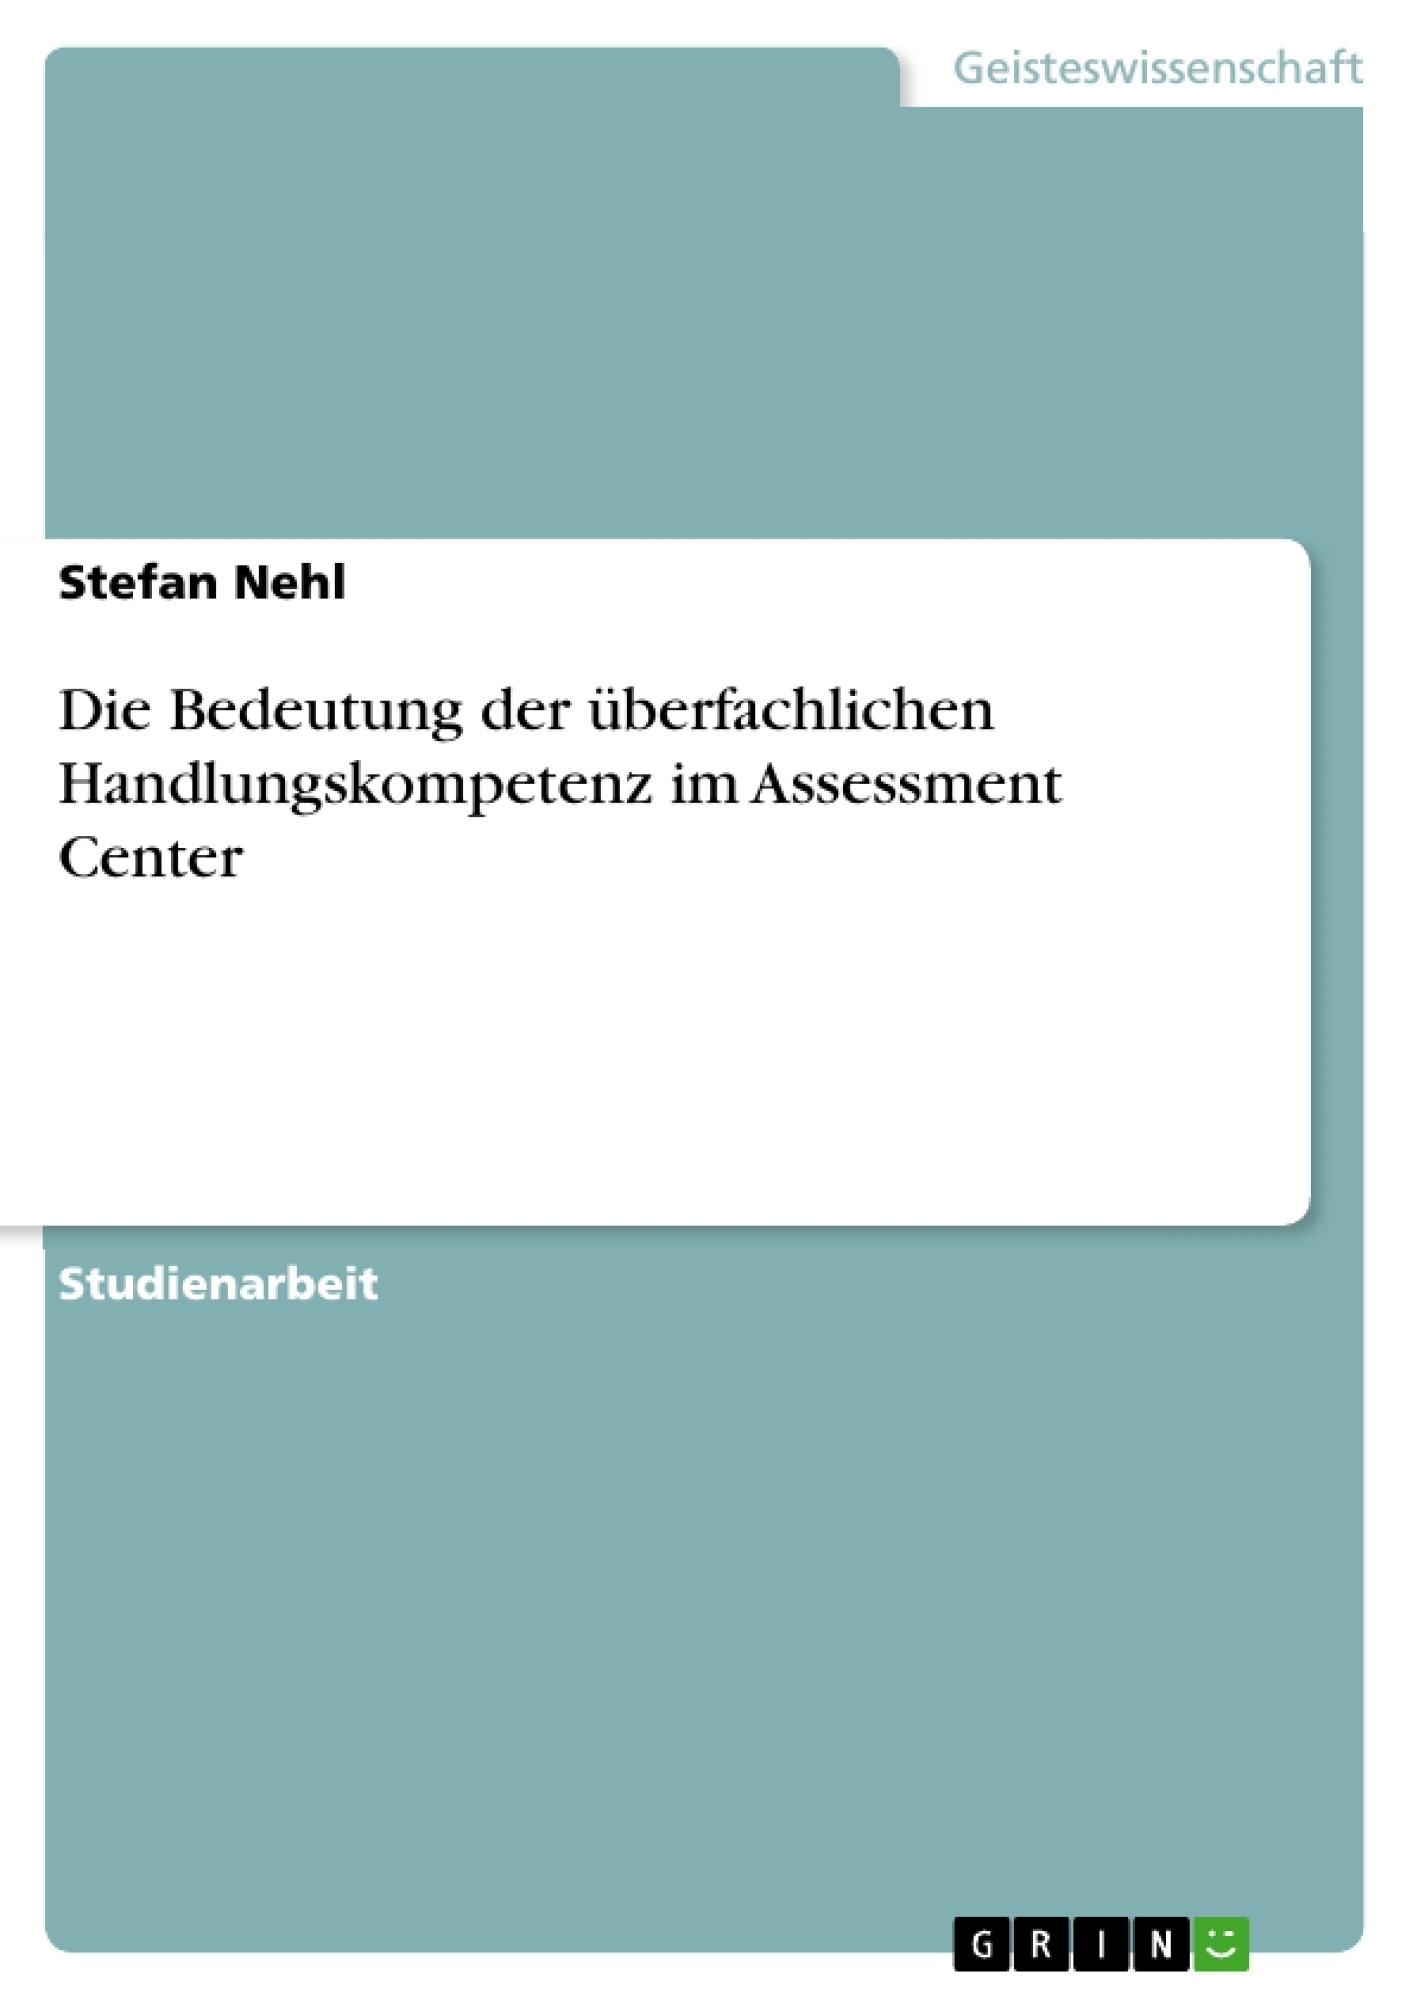 Titel: Die Bedeutung der überfachlichen Handlungskompetenz im Assessment Center